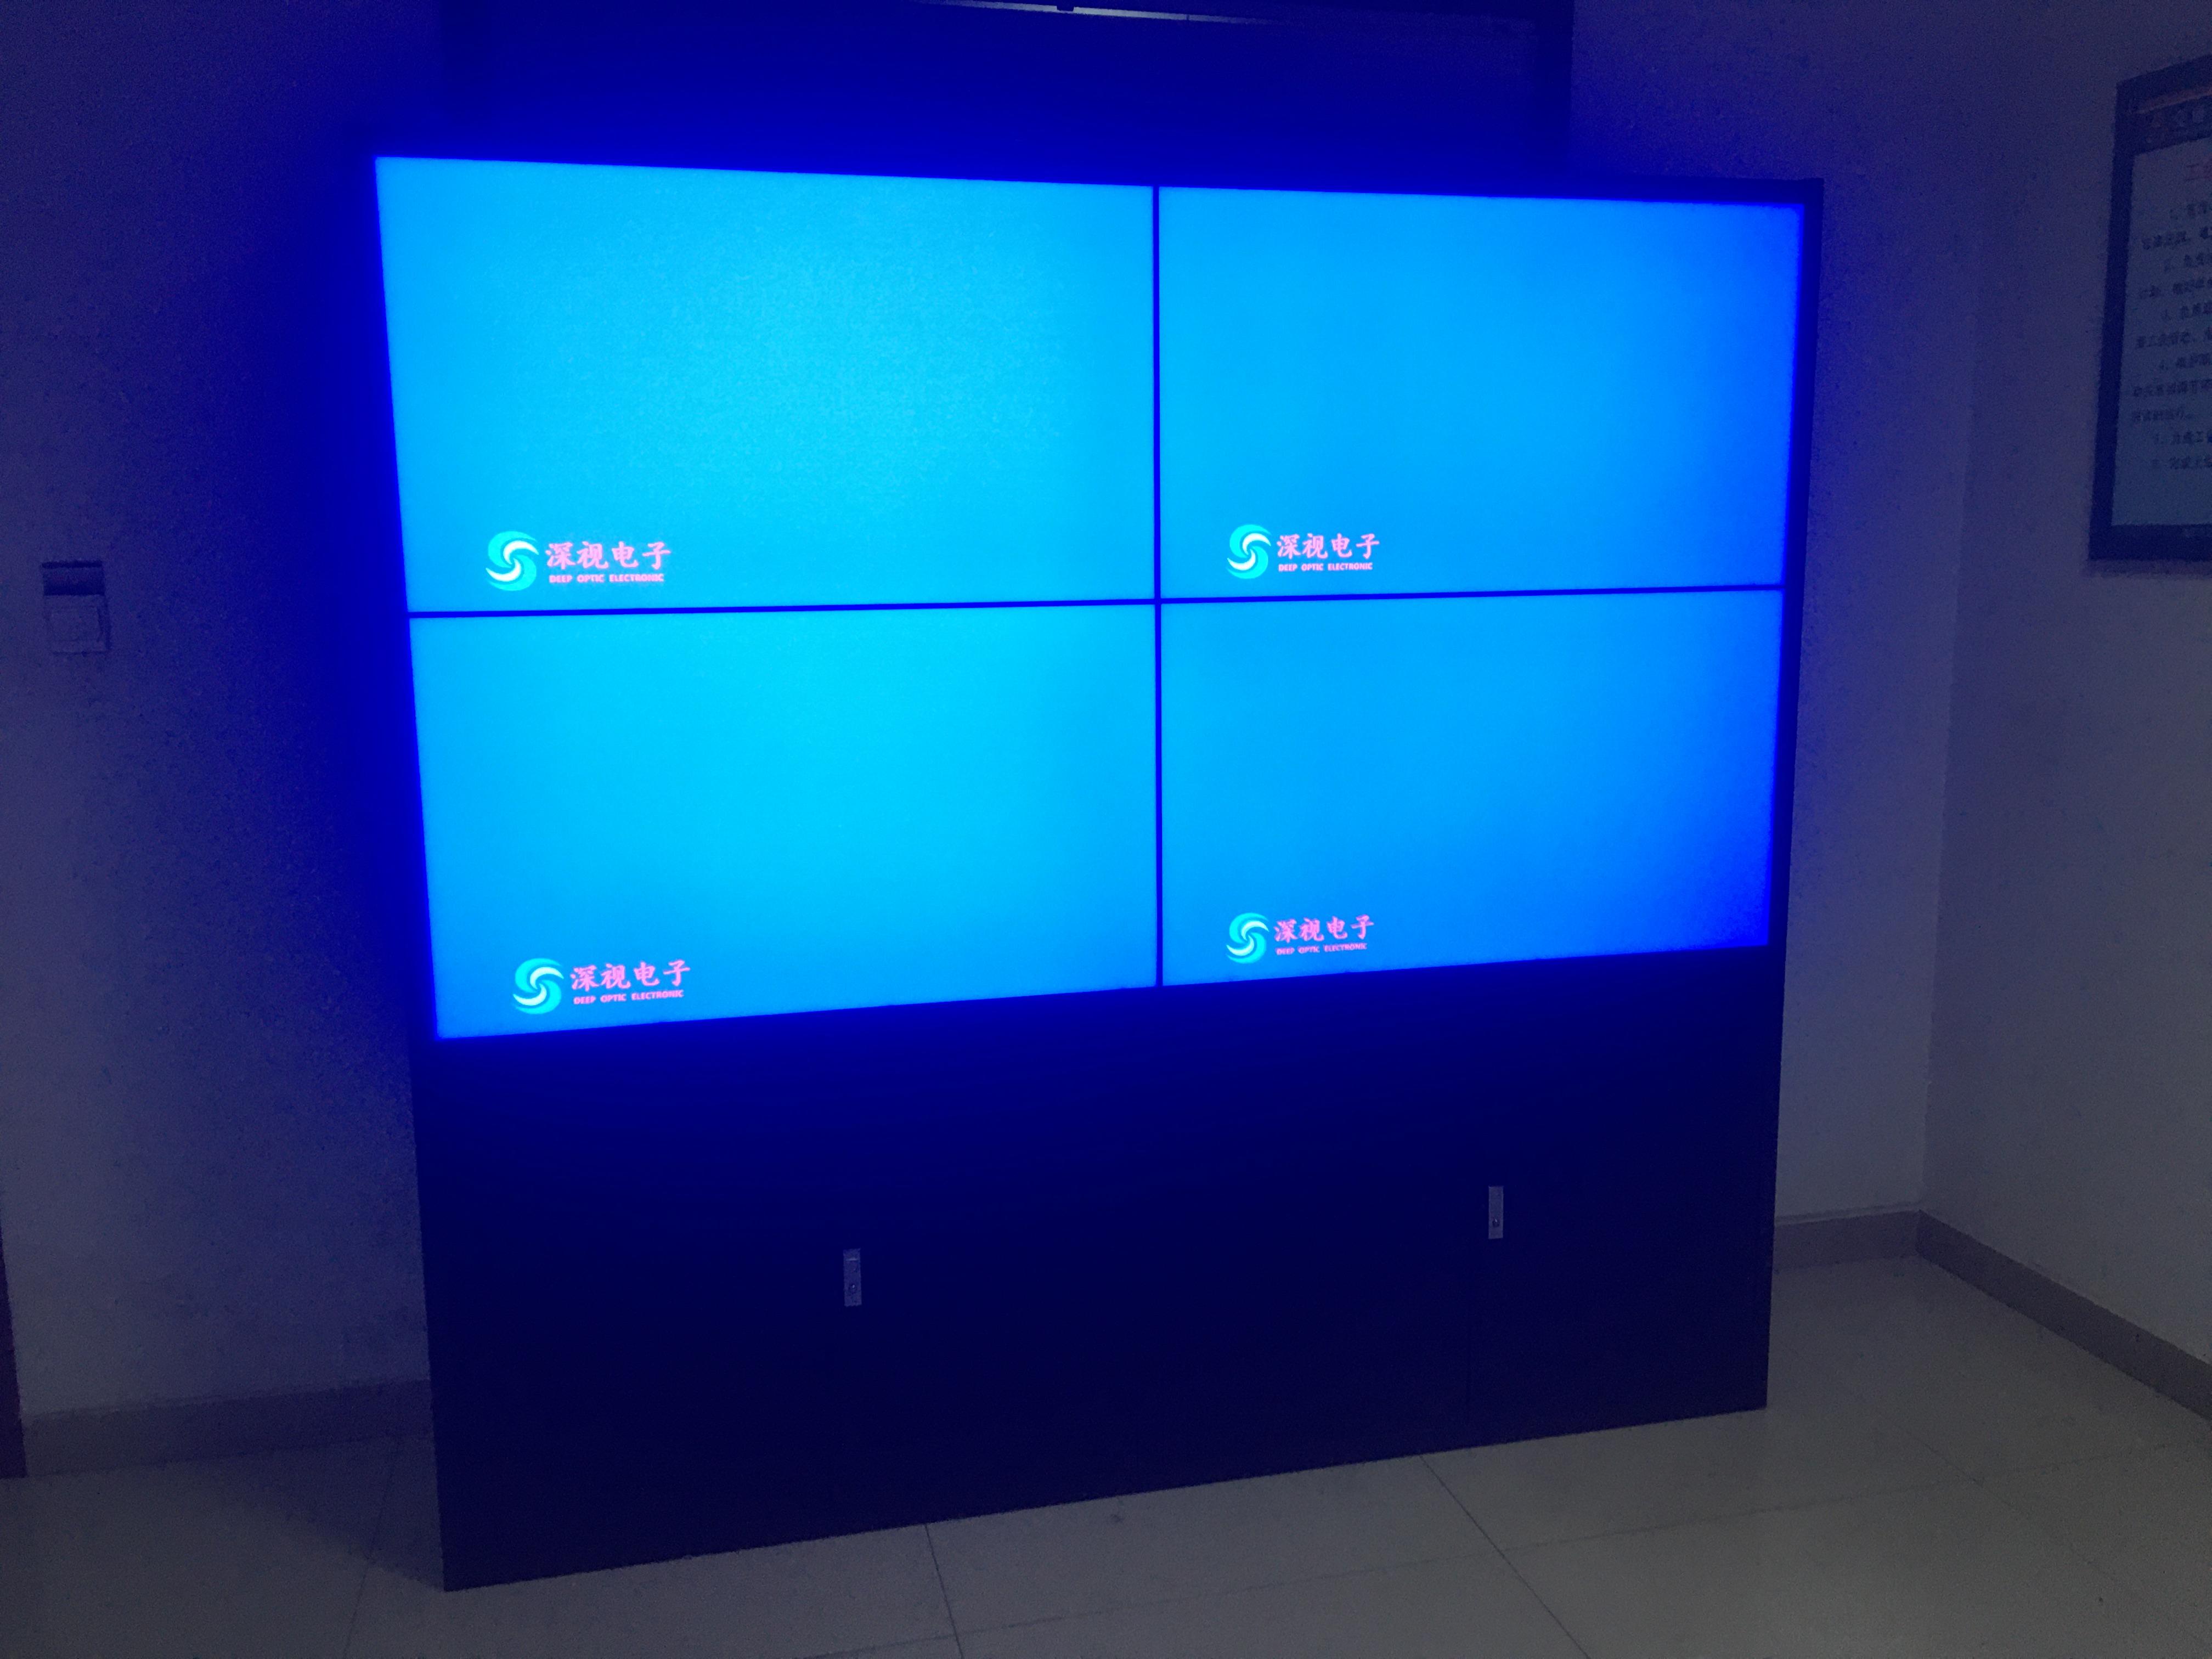 重庆沙坪坝区交通执法行政总队